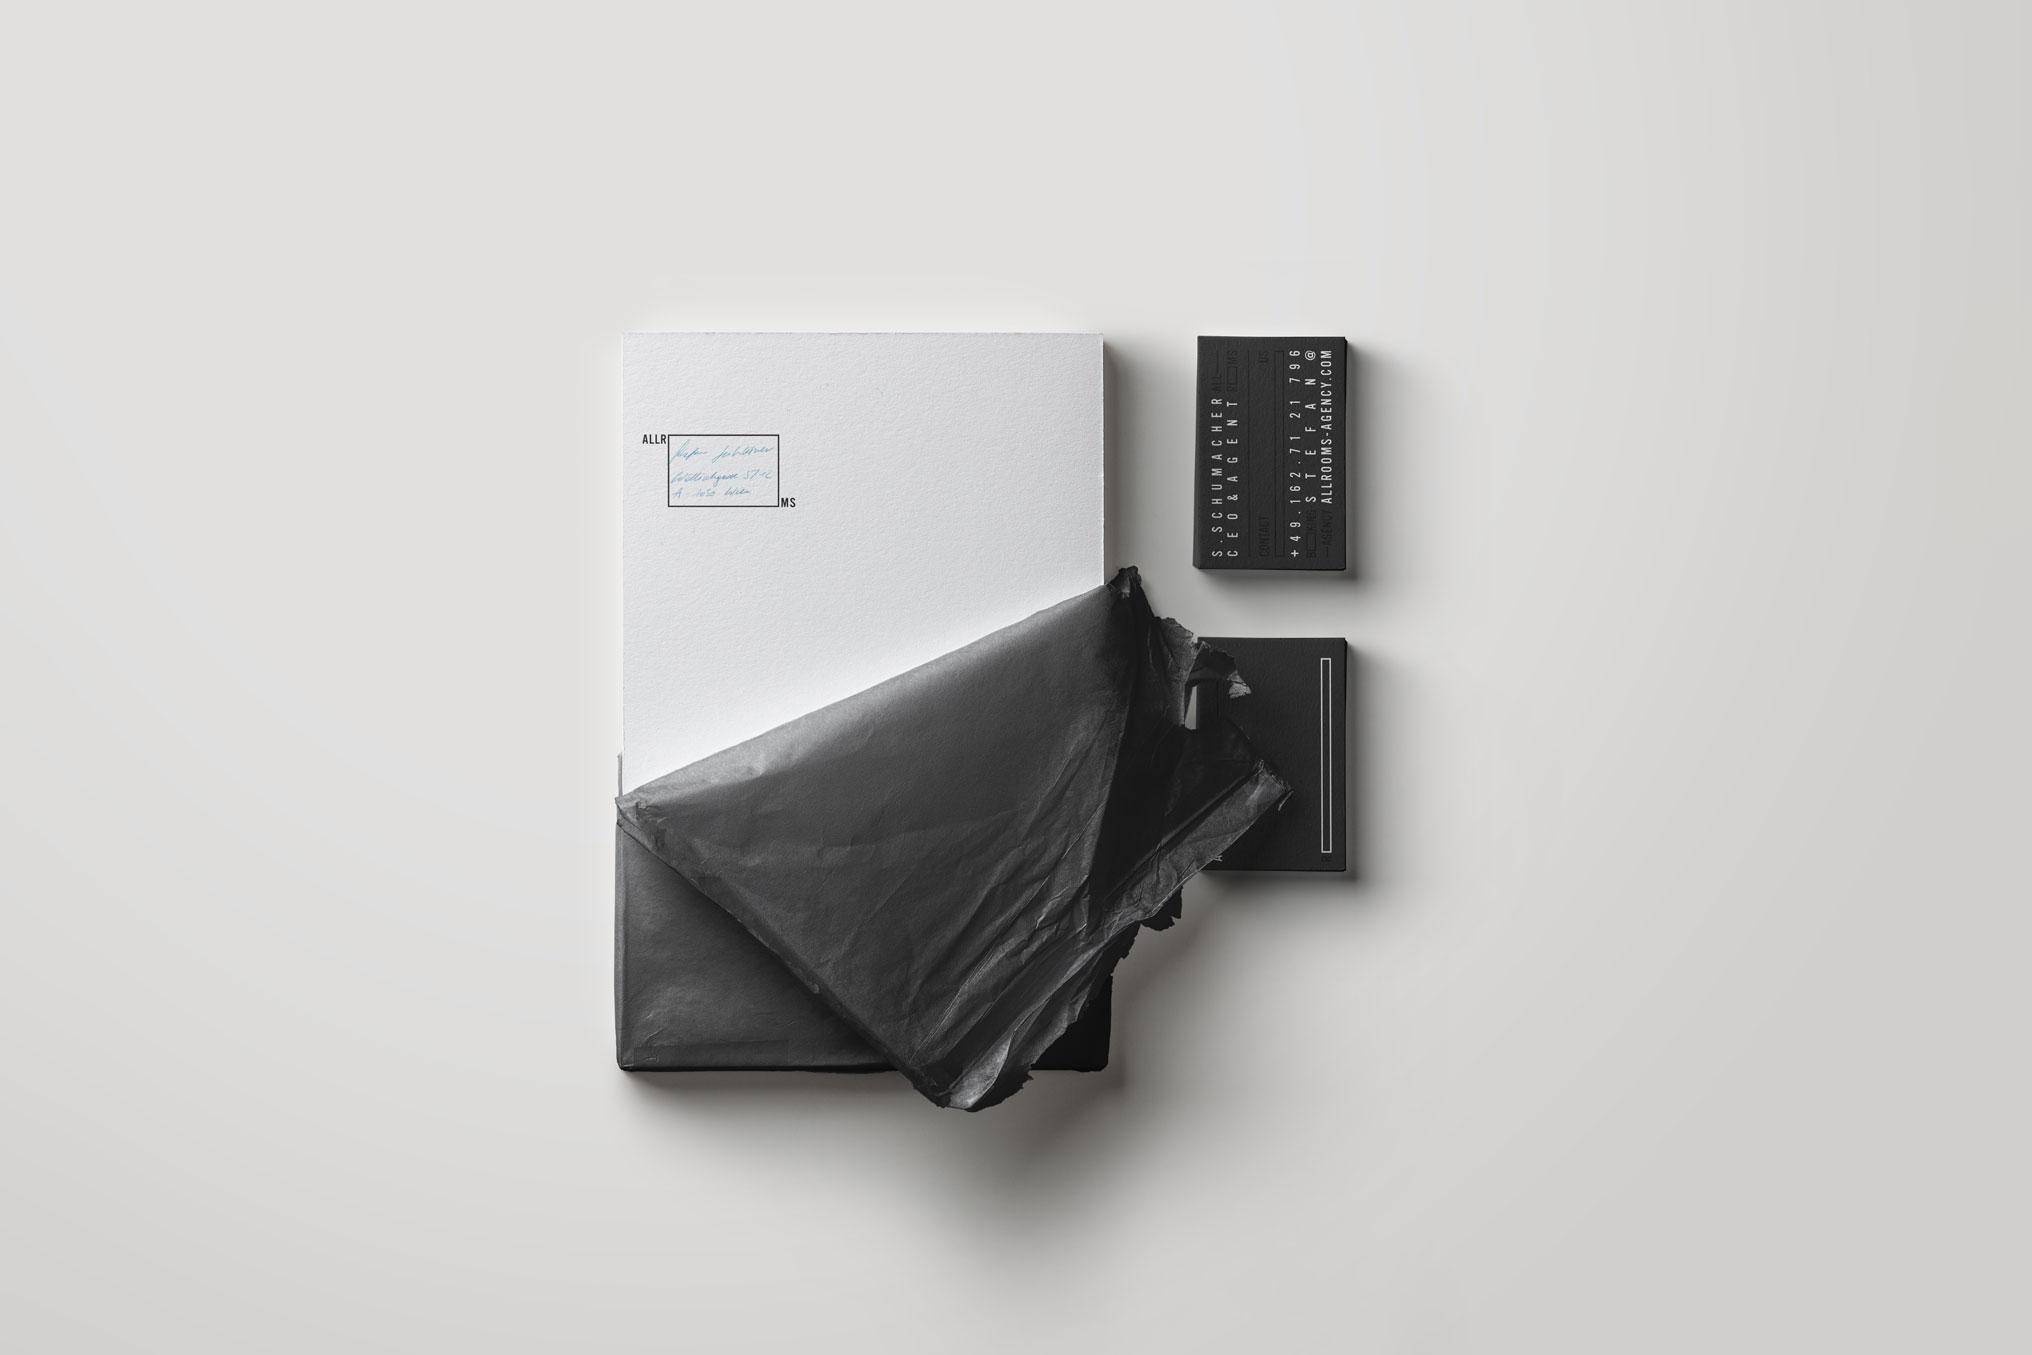 georgschober-allrooms-04